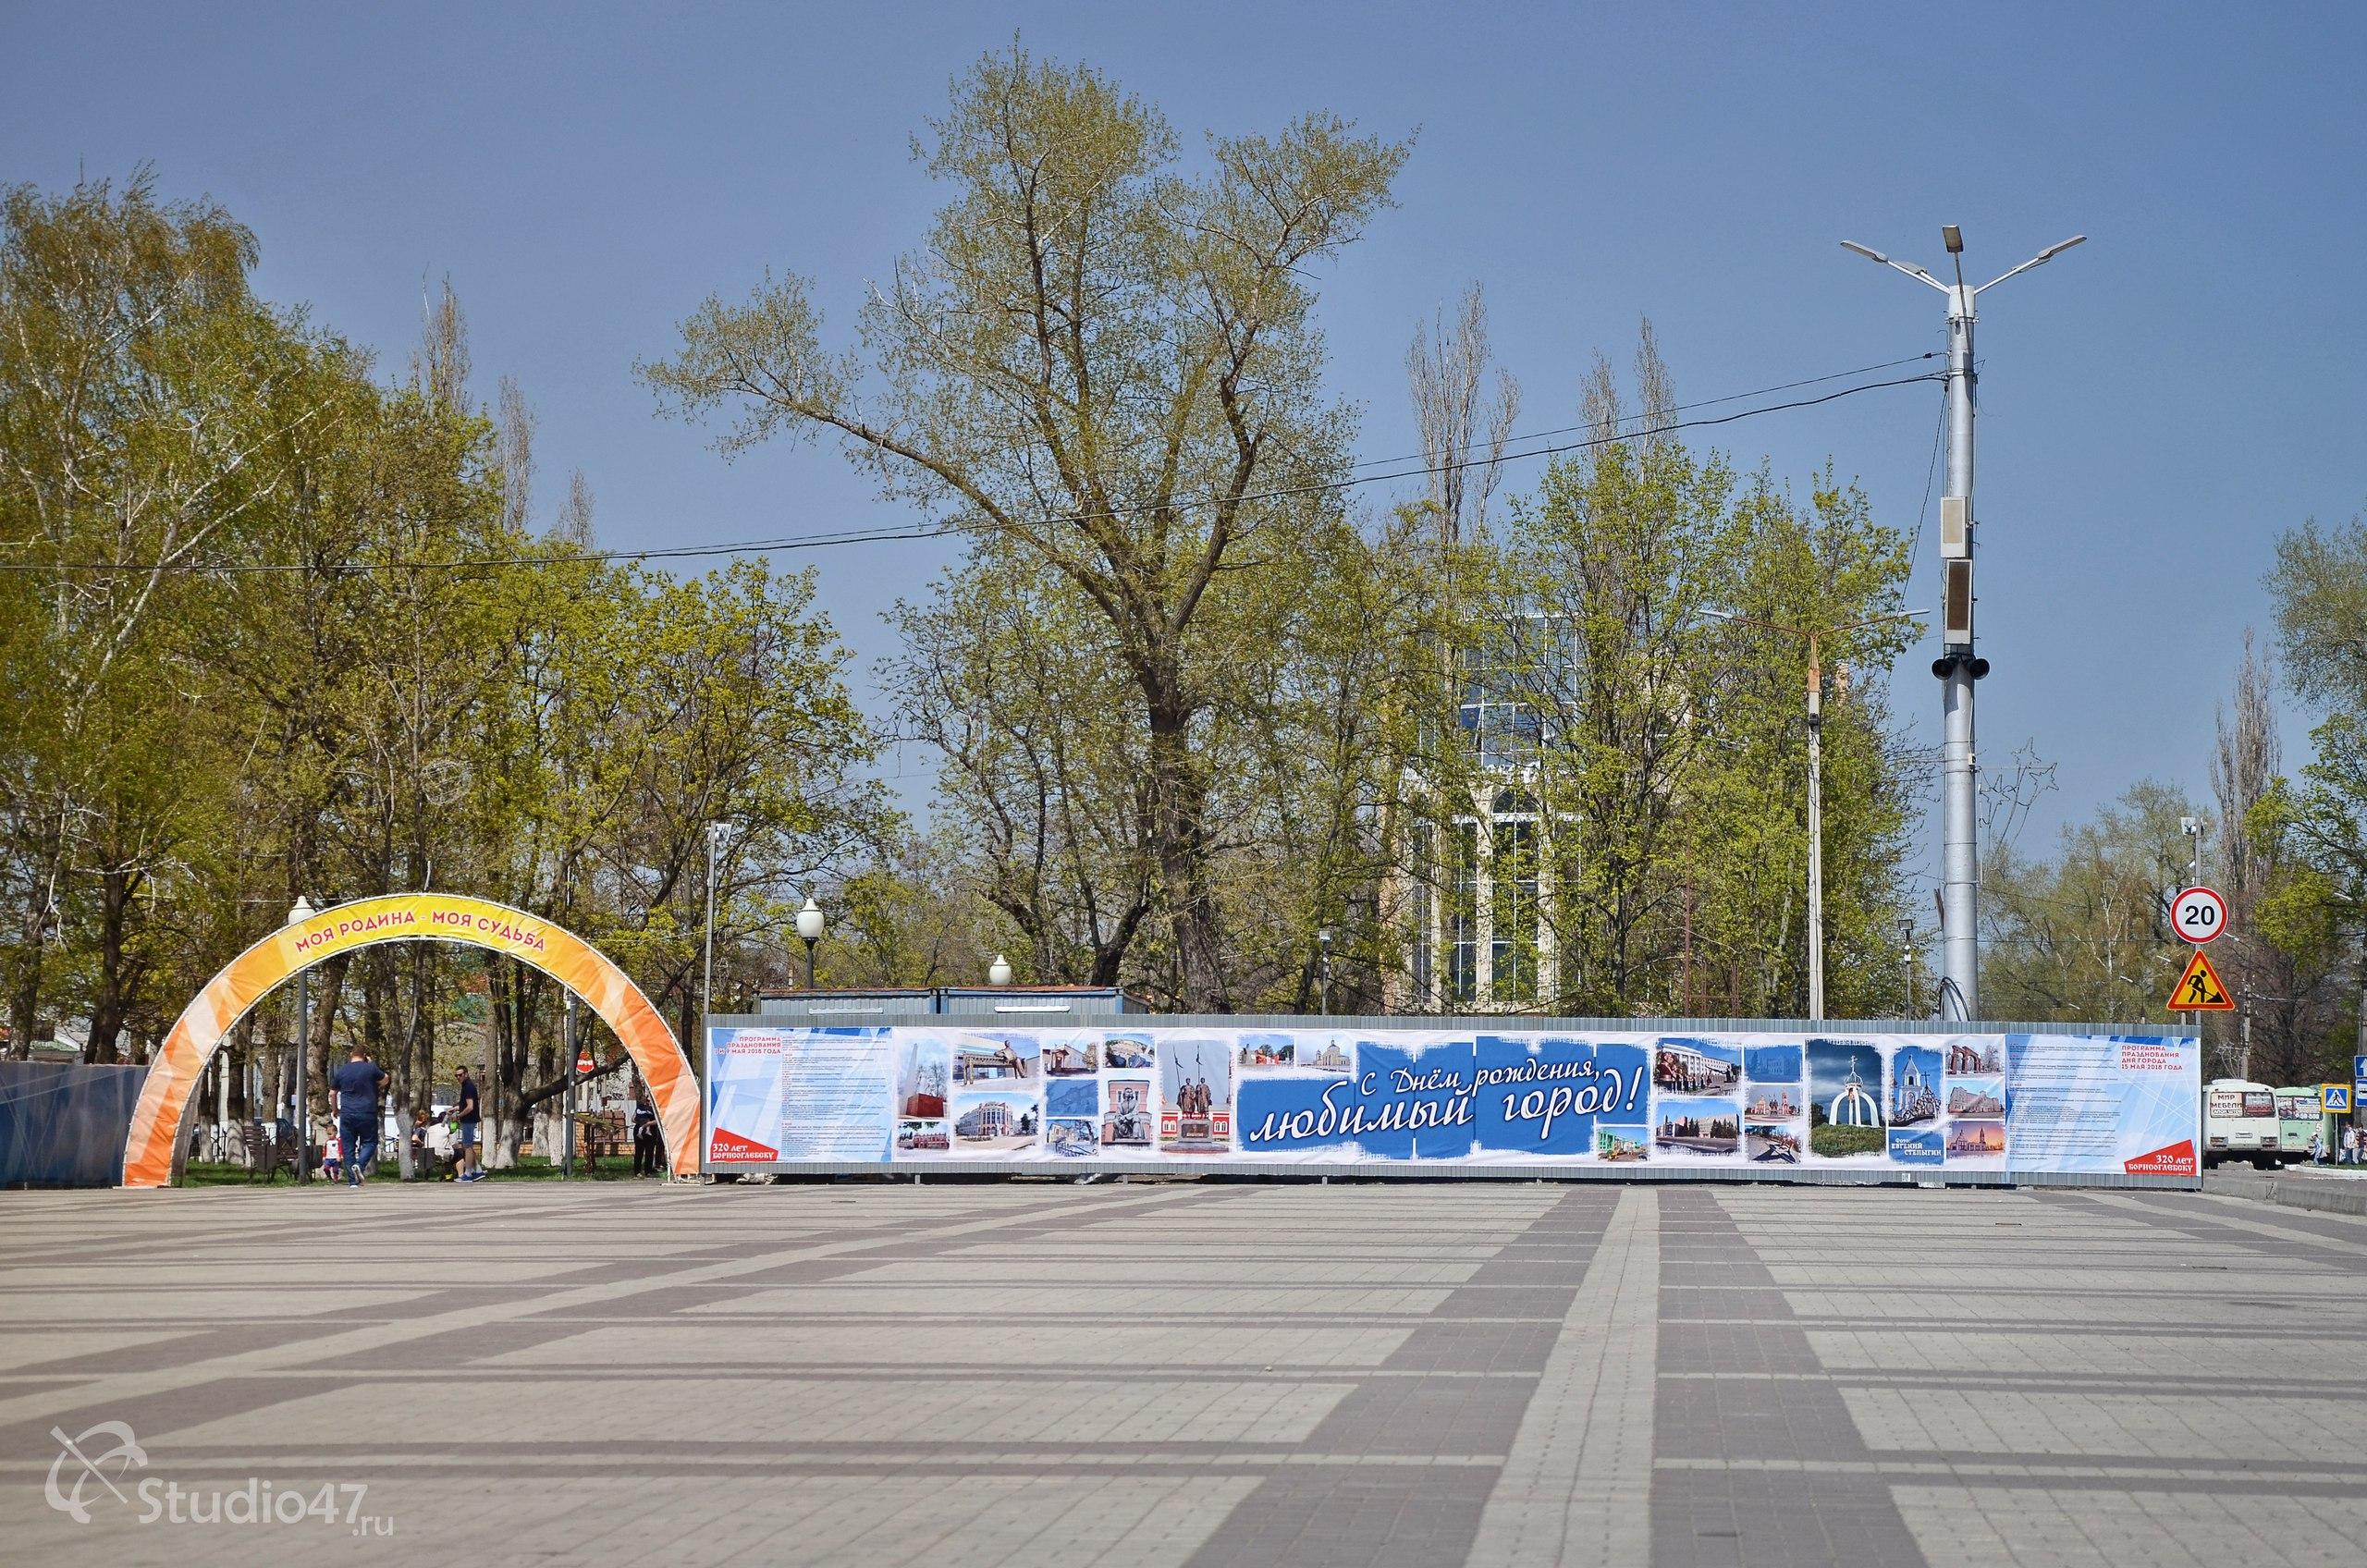 Баннер ко дню города